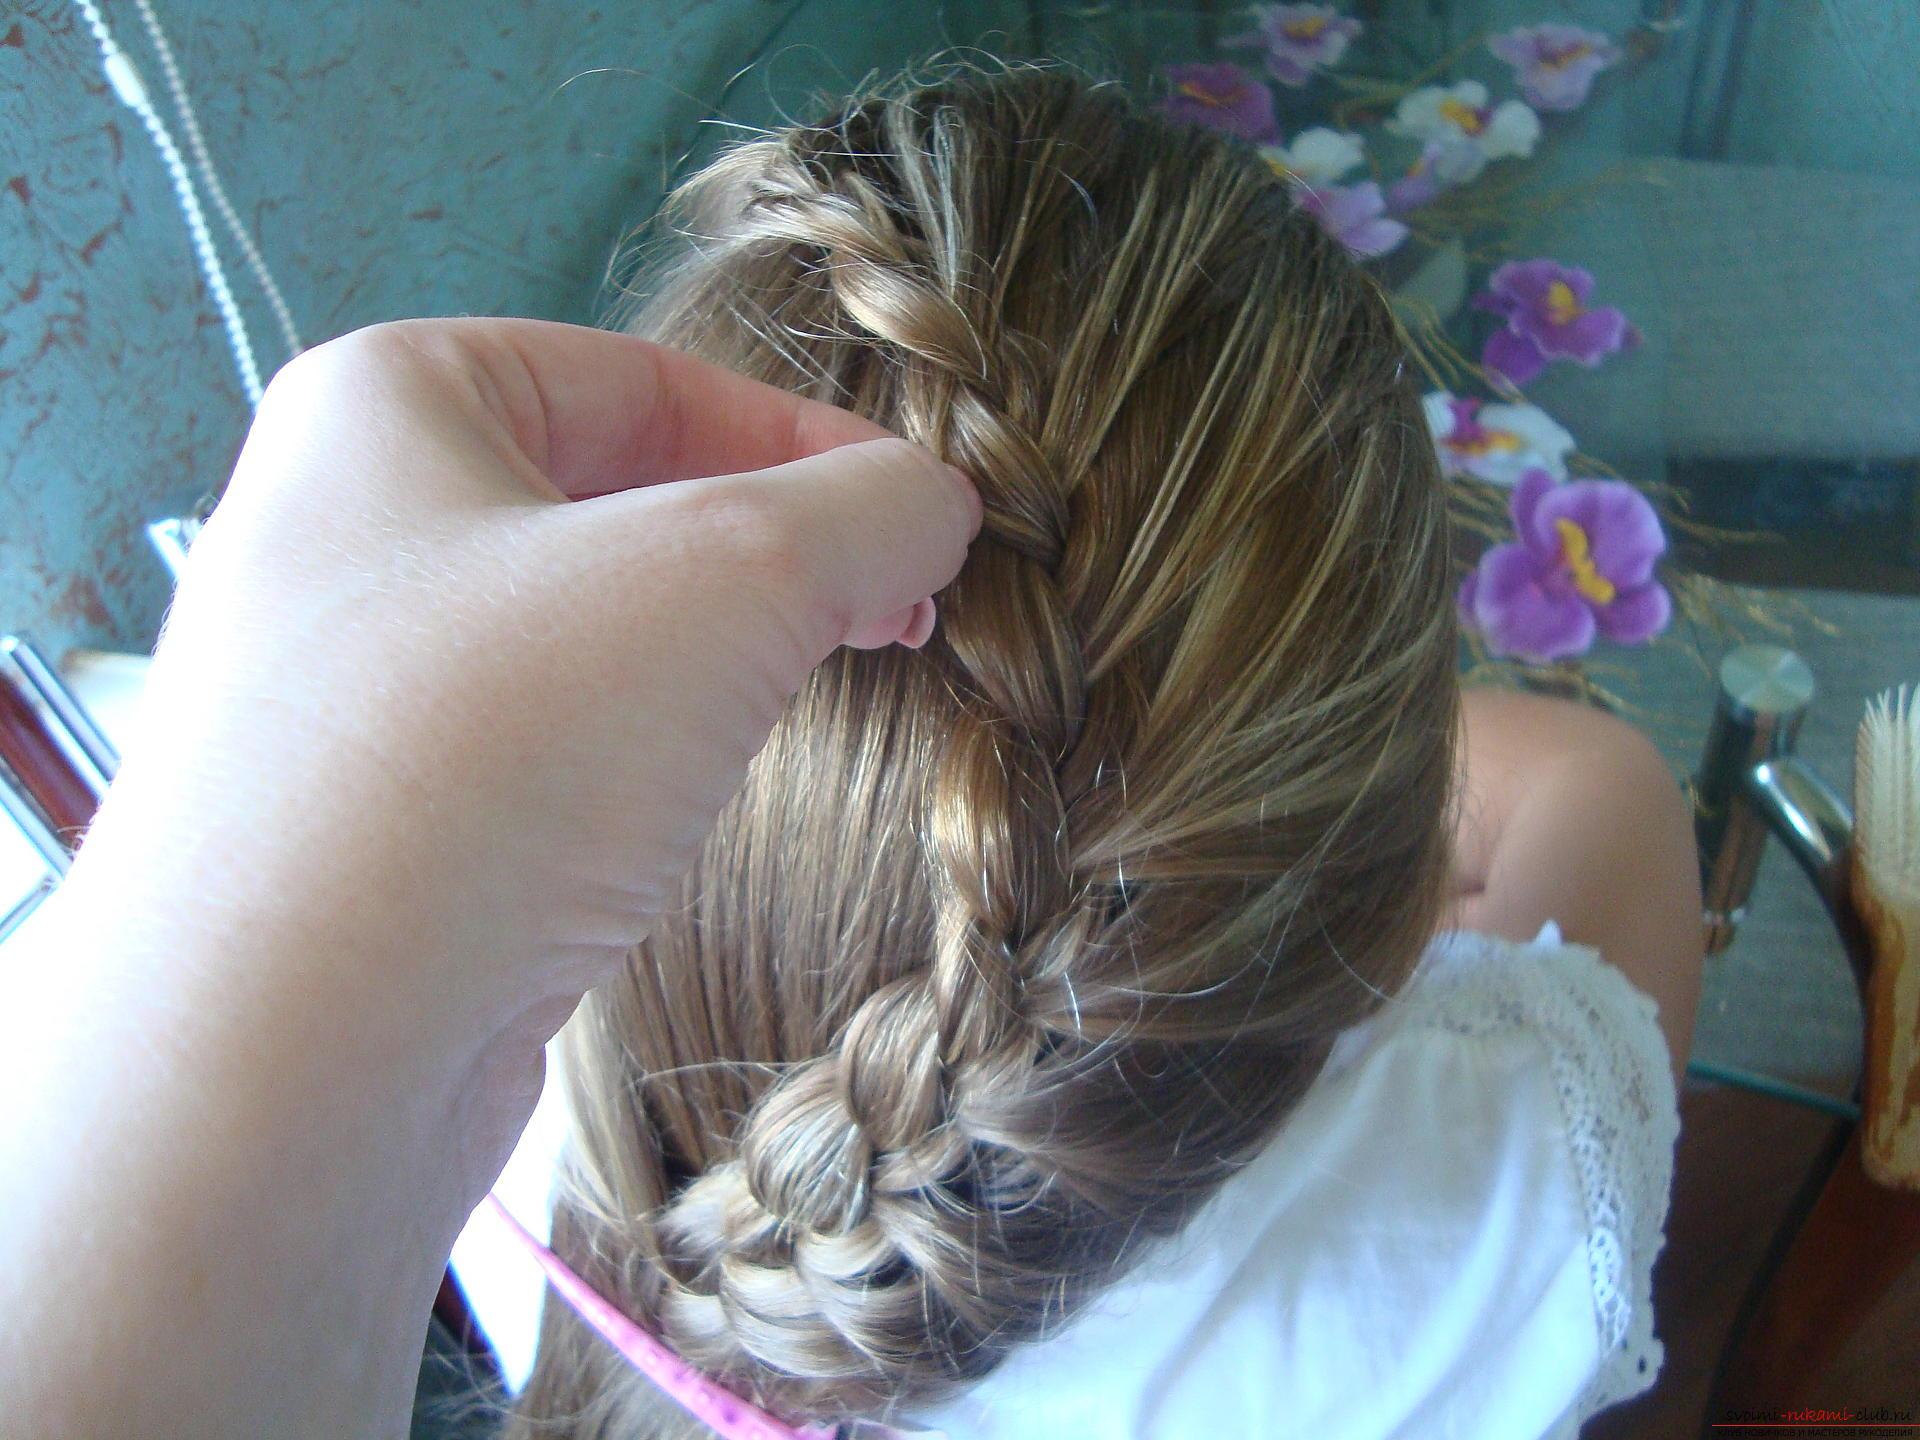 Урок по плетению косы на длинные волосы для девочки в школу. Фото №10